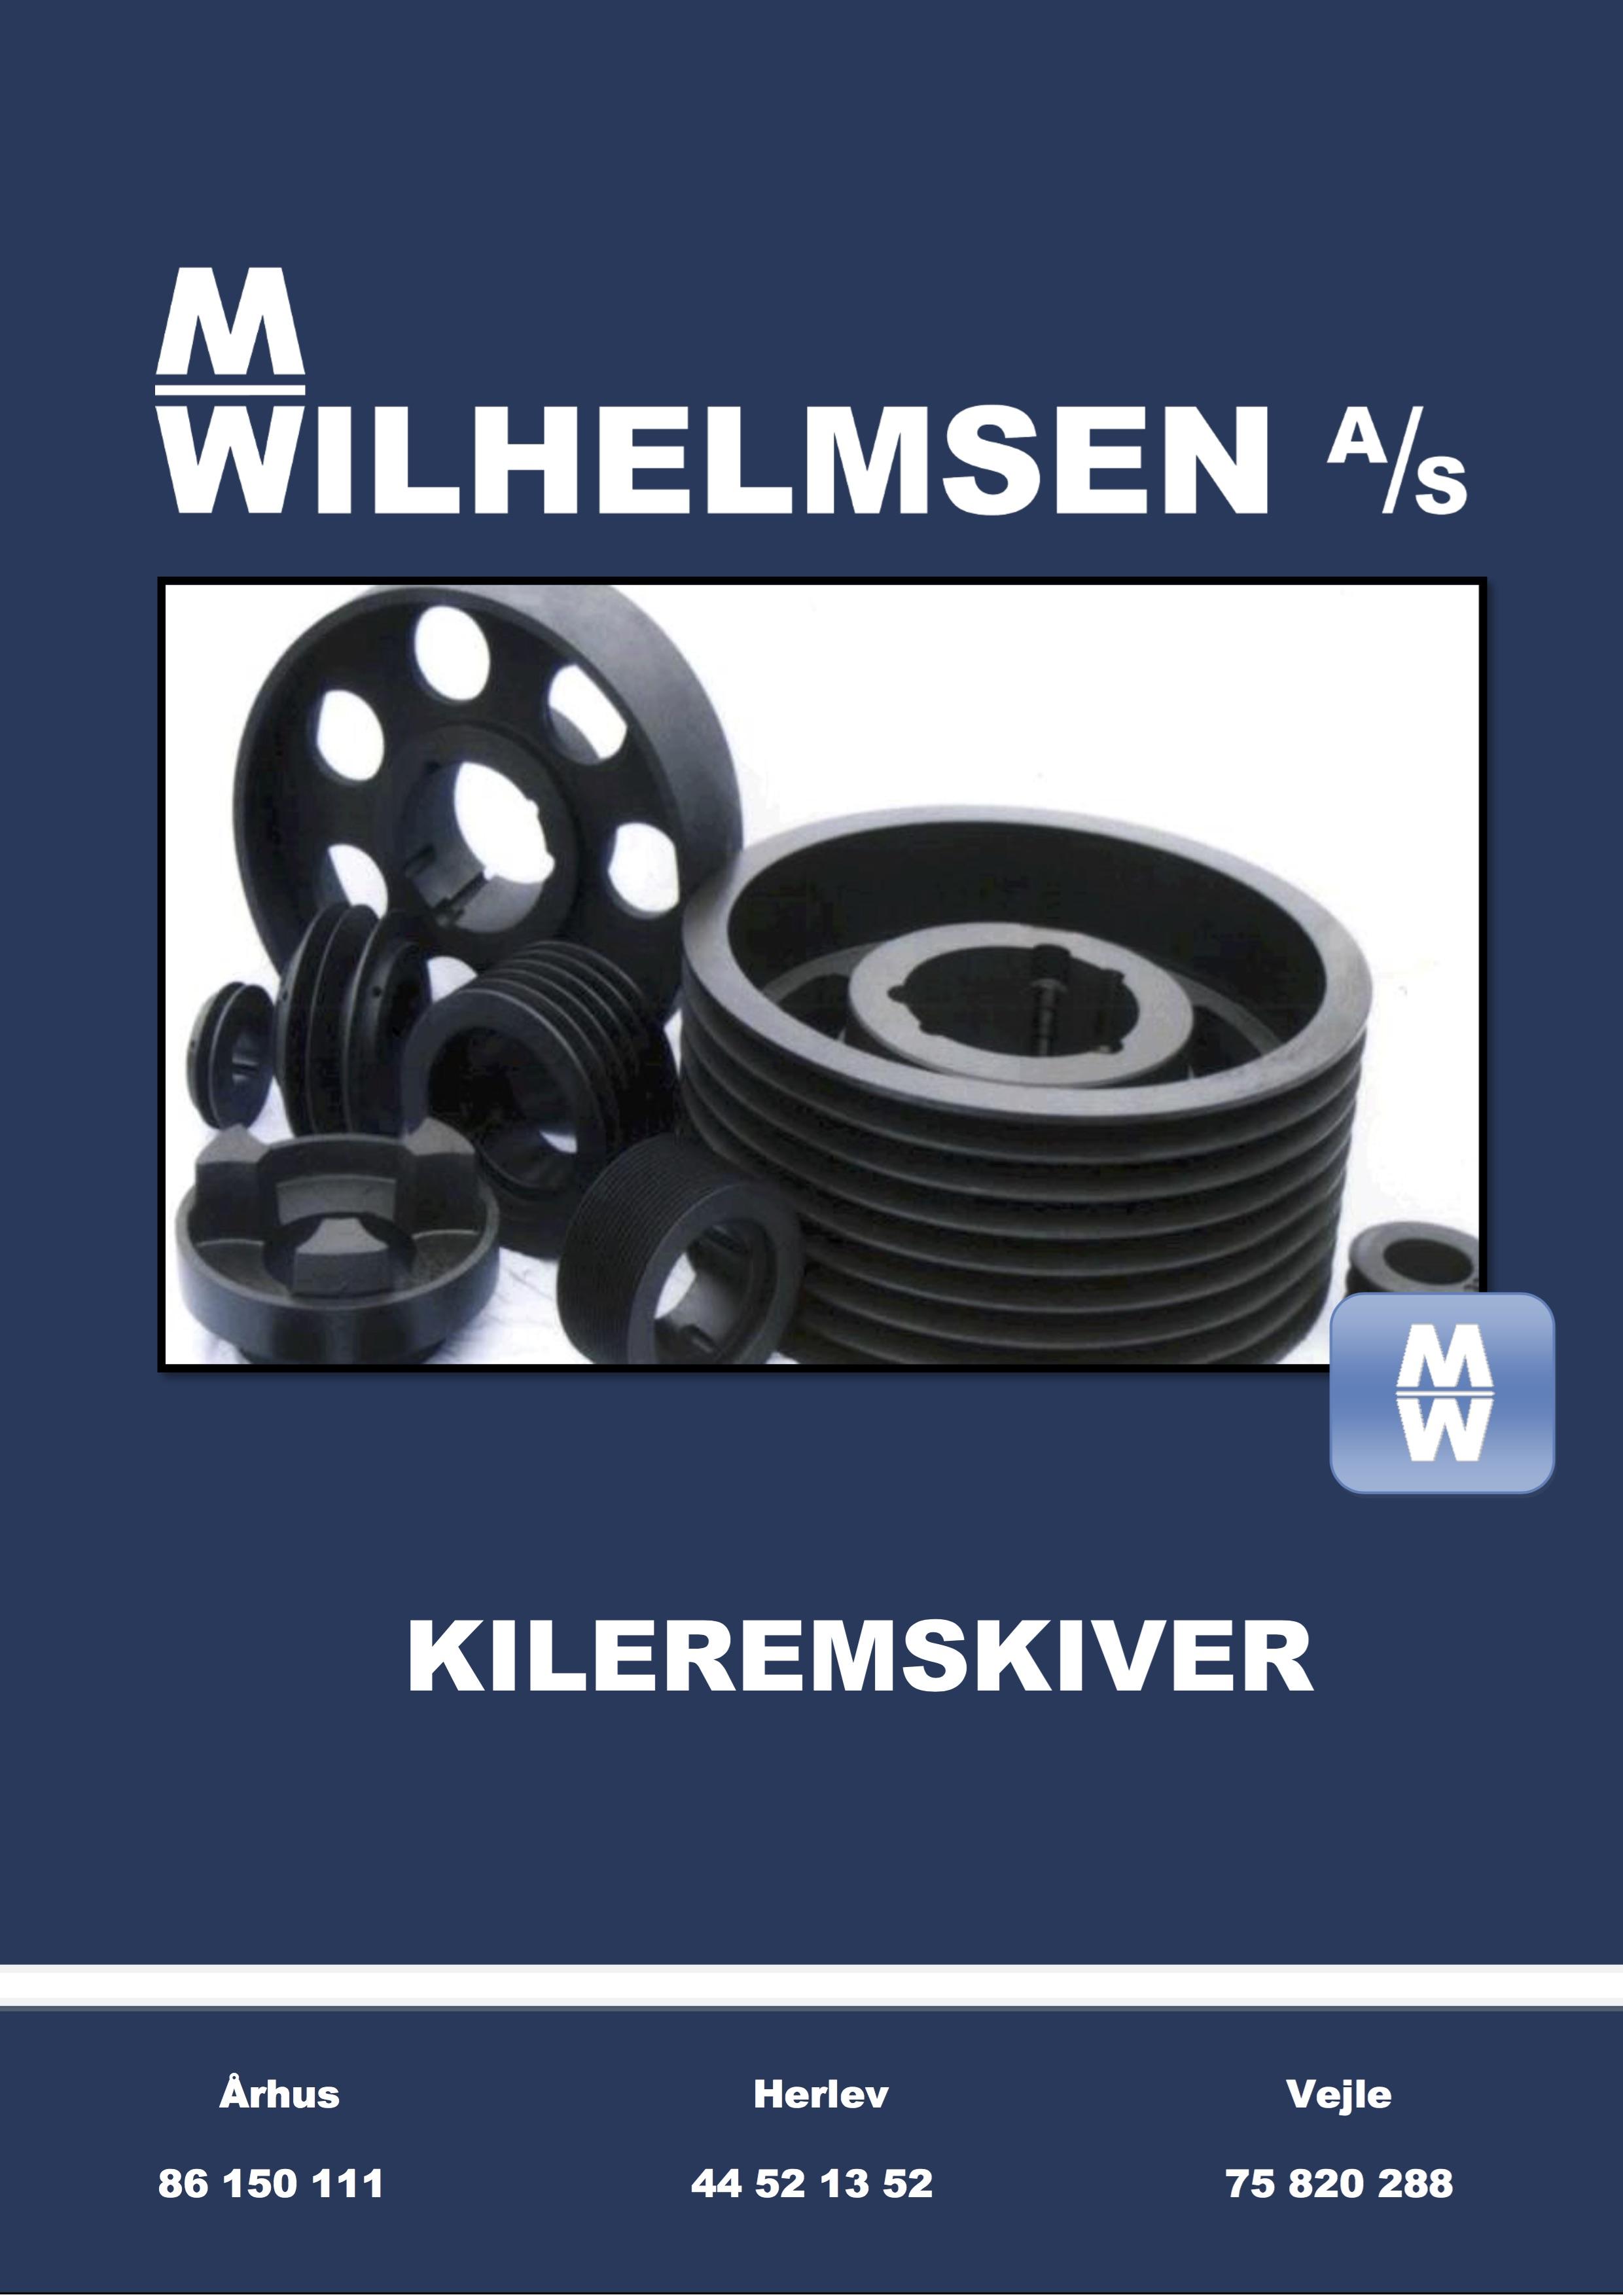 Kileremskiver katalog